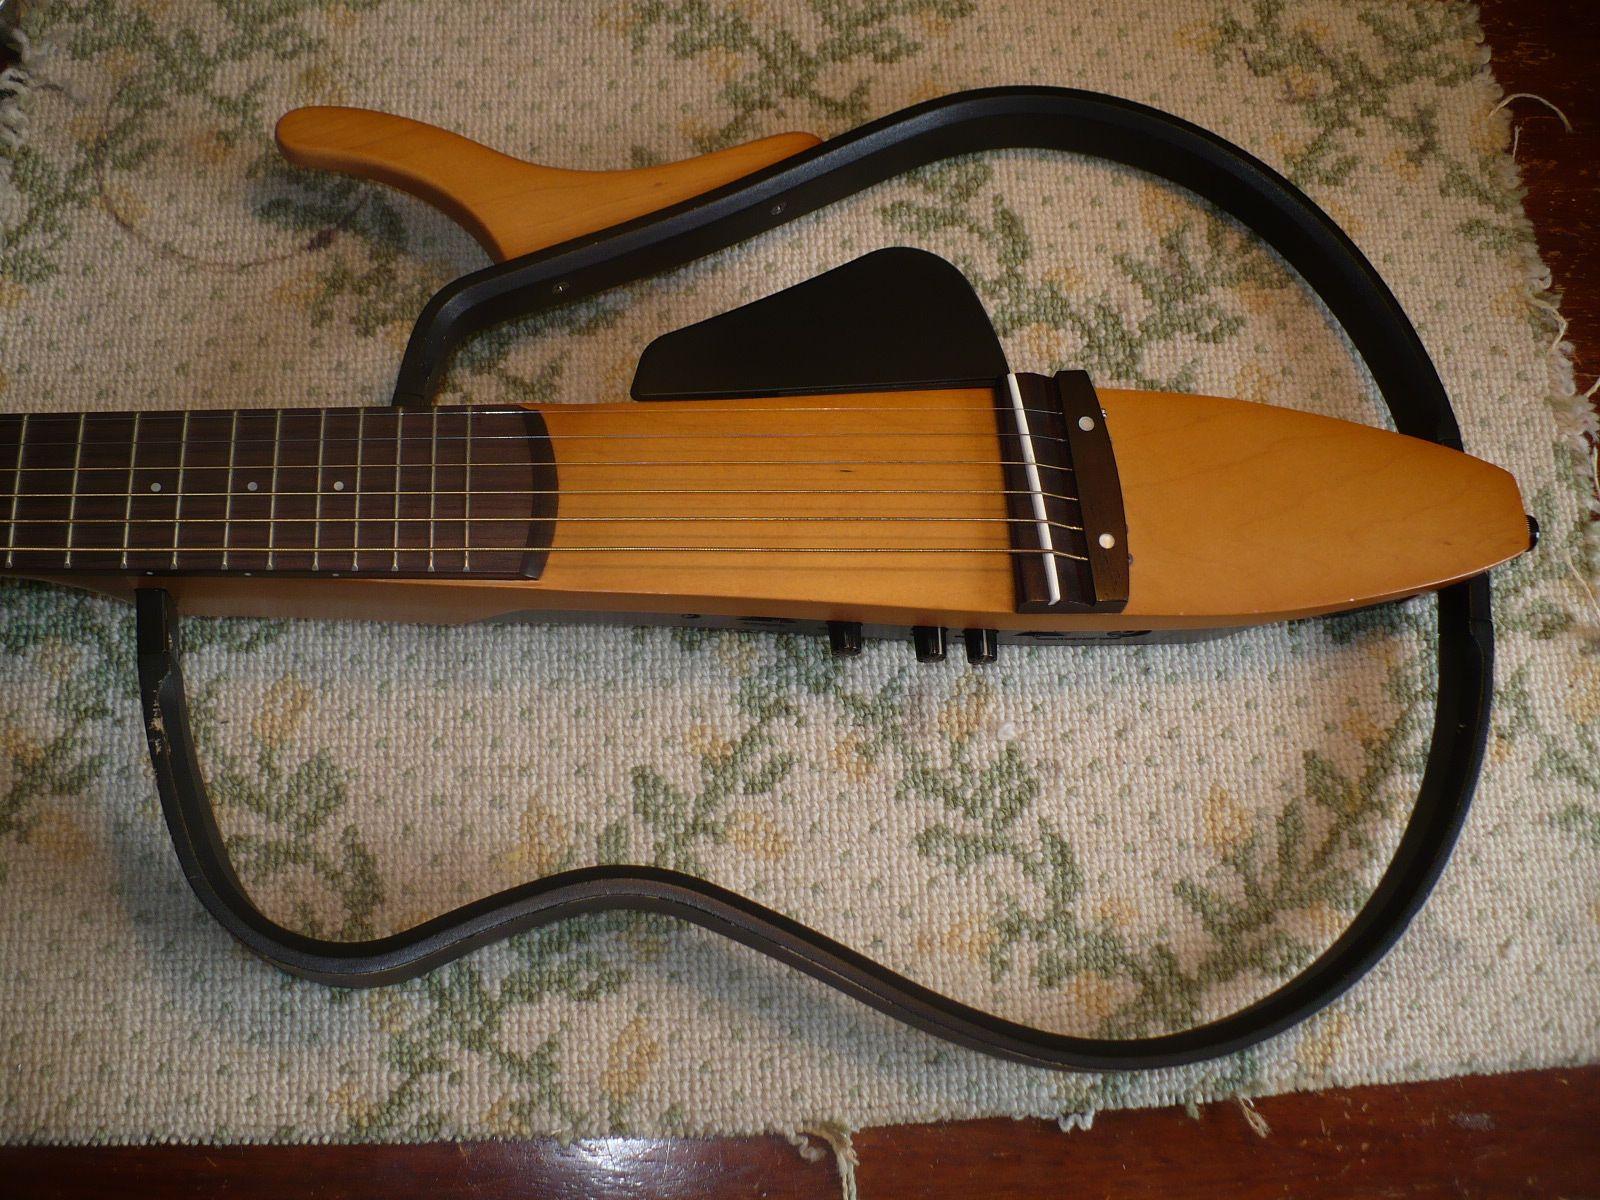 View Of Body Before Any Work Was Done Guitarrepair Yamaha Yamahasilentguitar Yamahaguitars Acoustic Yamaha Silent Guitar Yamaha Guitar Yamaha Silent